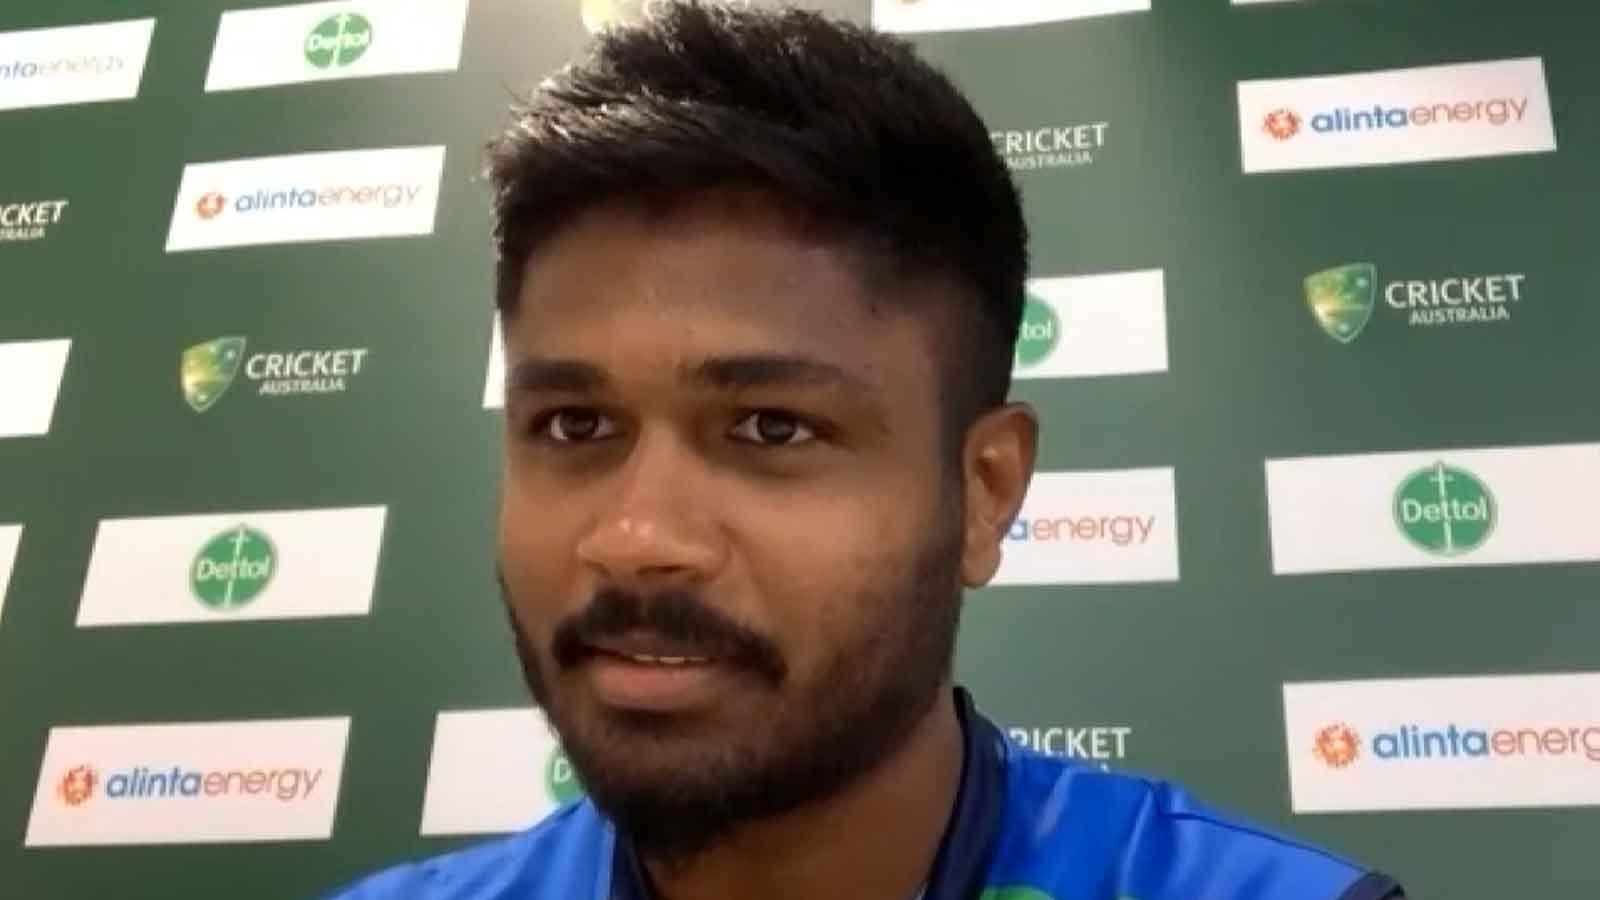 india-vs-australia-1st-t20i-sanju-samson-hails-yuzvendra-chahal-for-his-3-wicket-haul